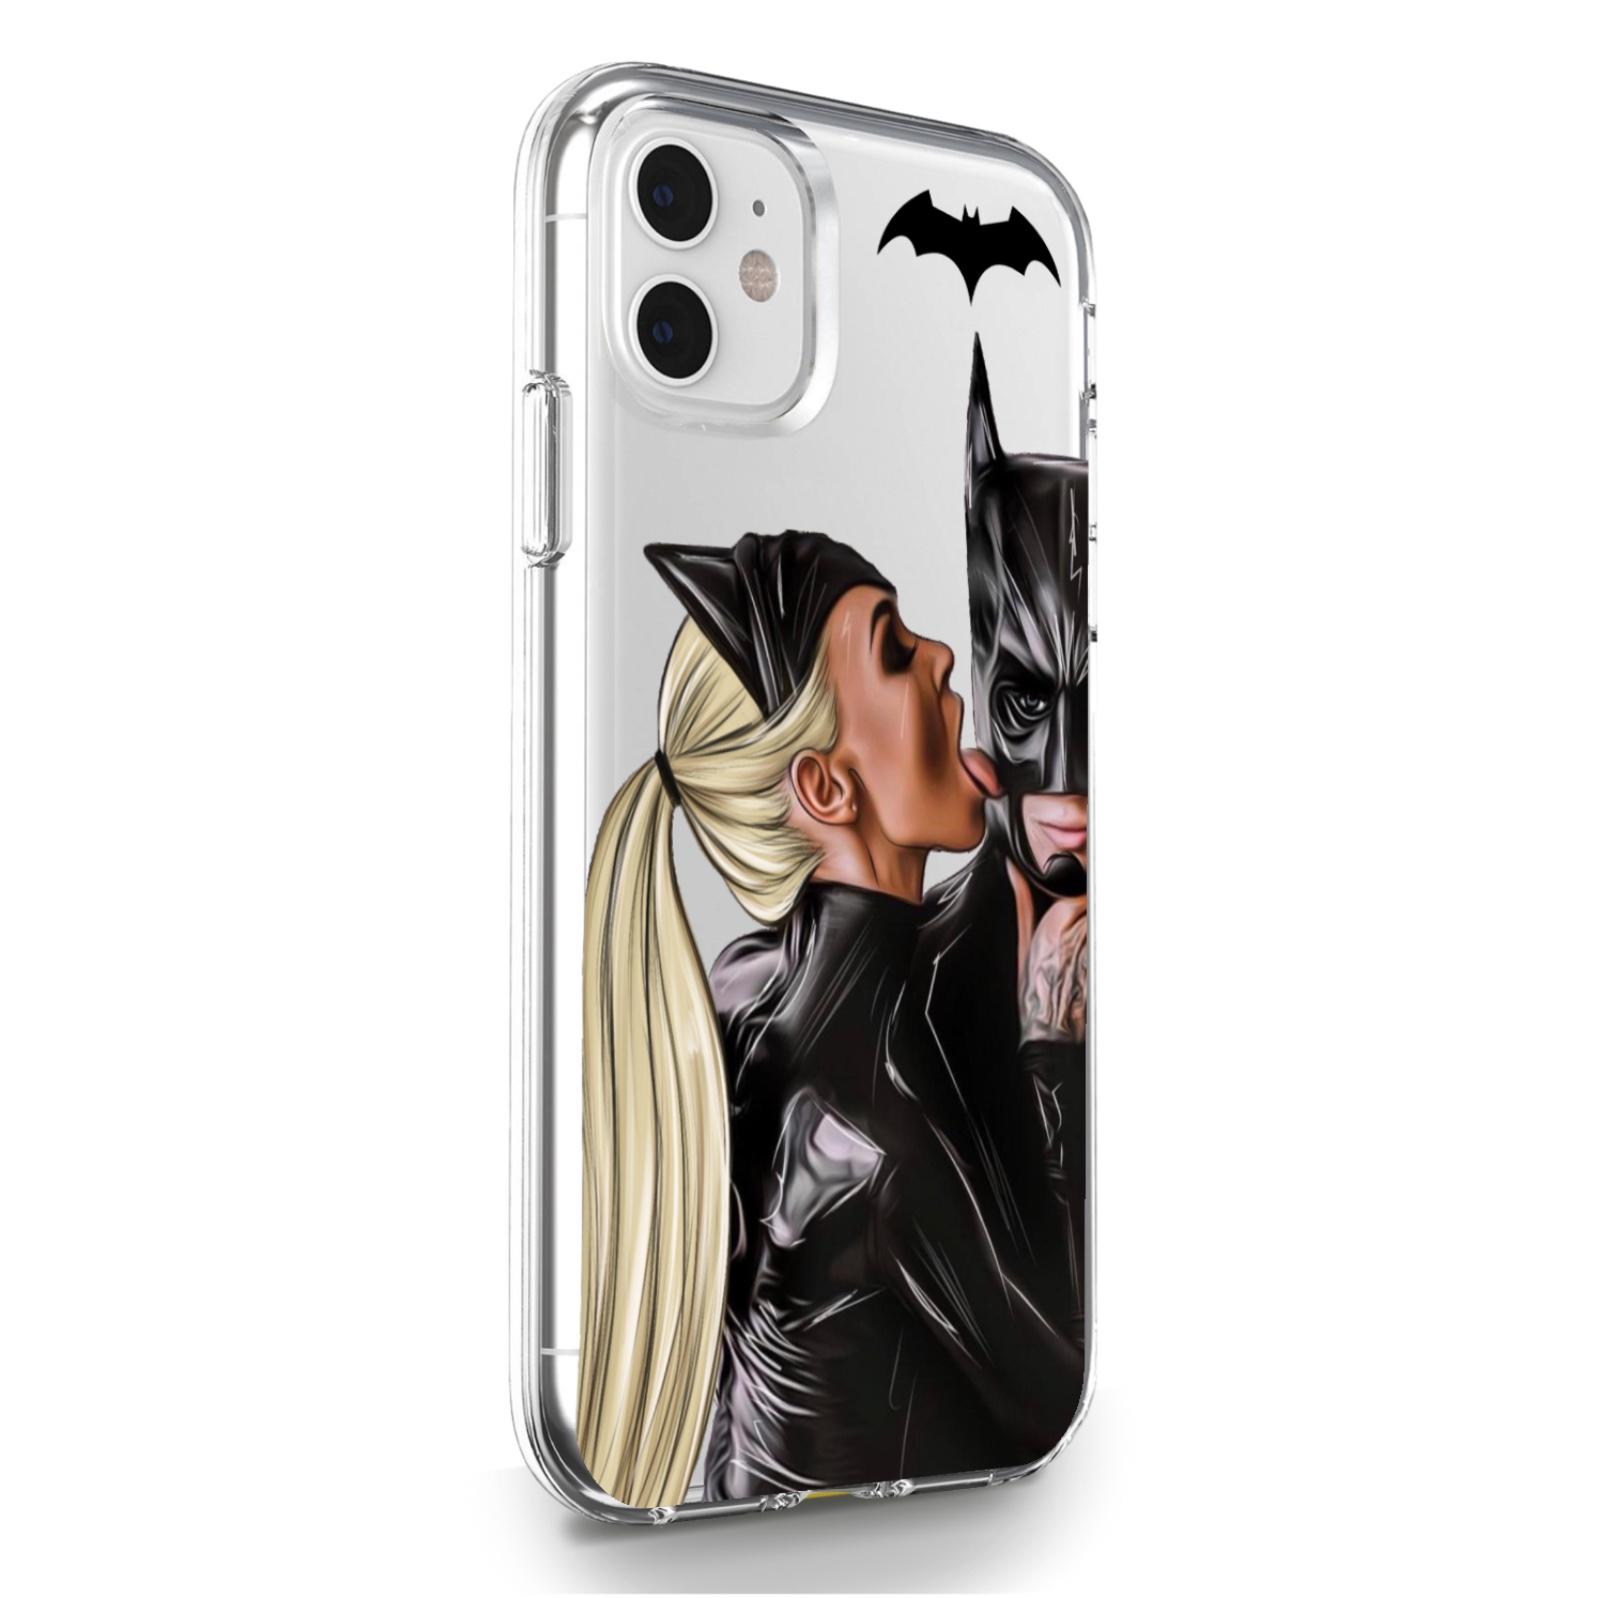 Прозрачный силиконовый чехол для iPhone 11 Cat Woman/ Женщина кошка Блондинка для Айфон 11